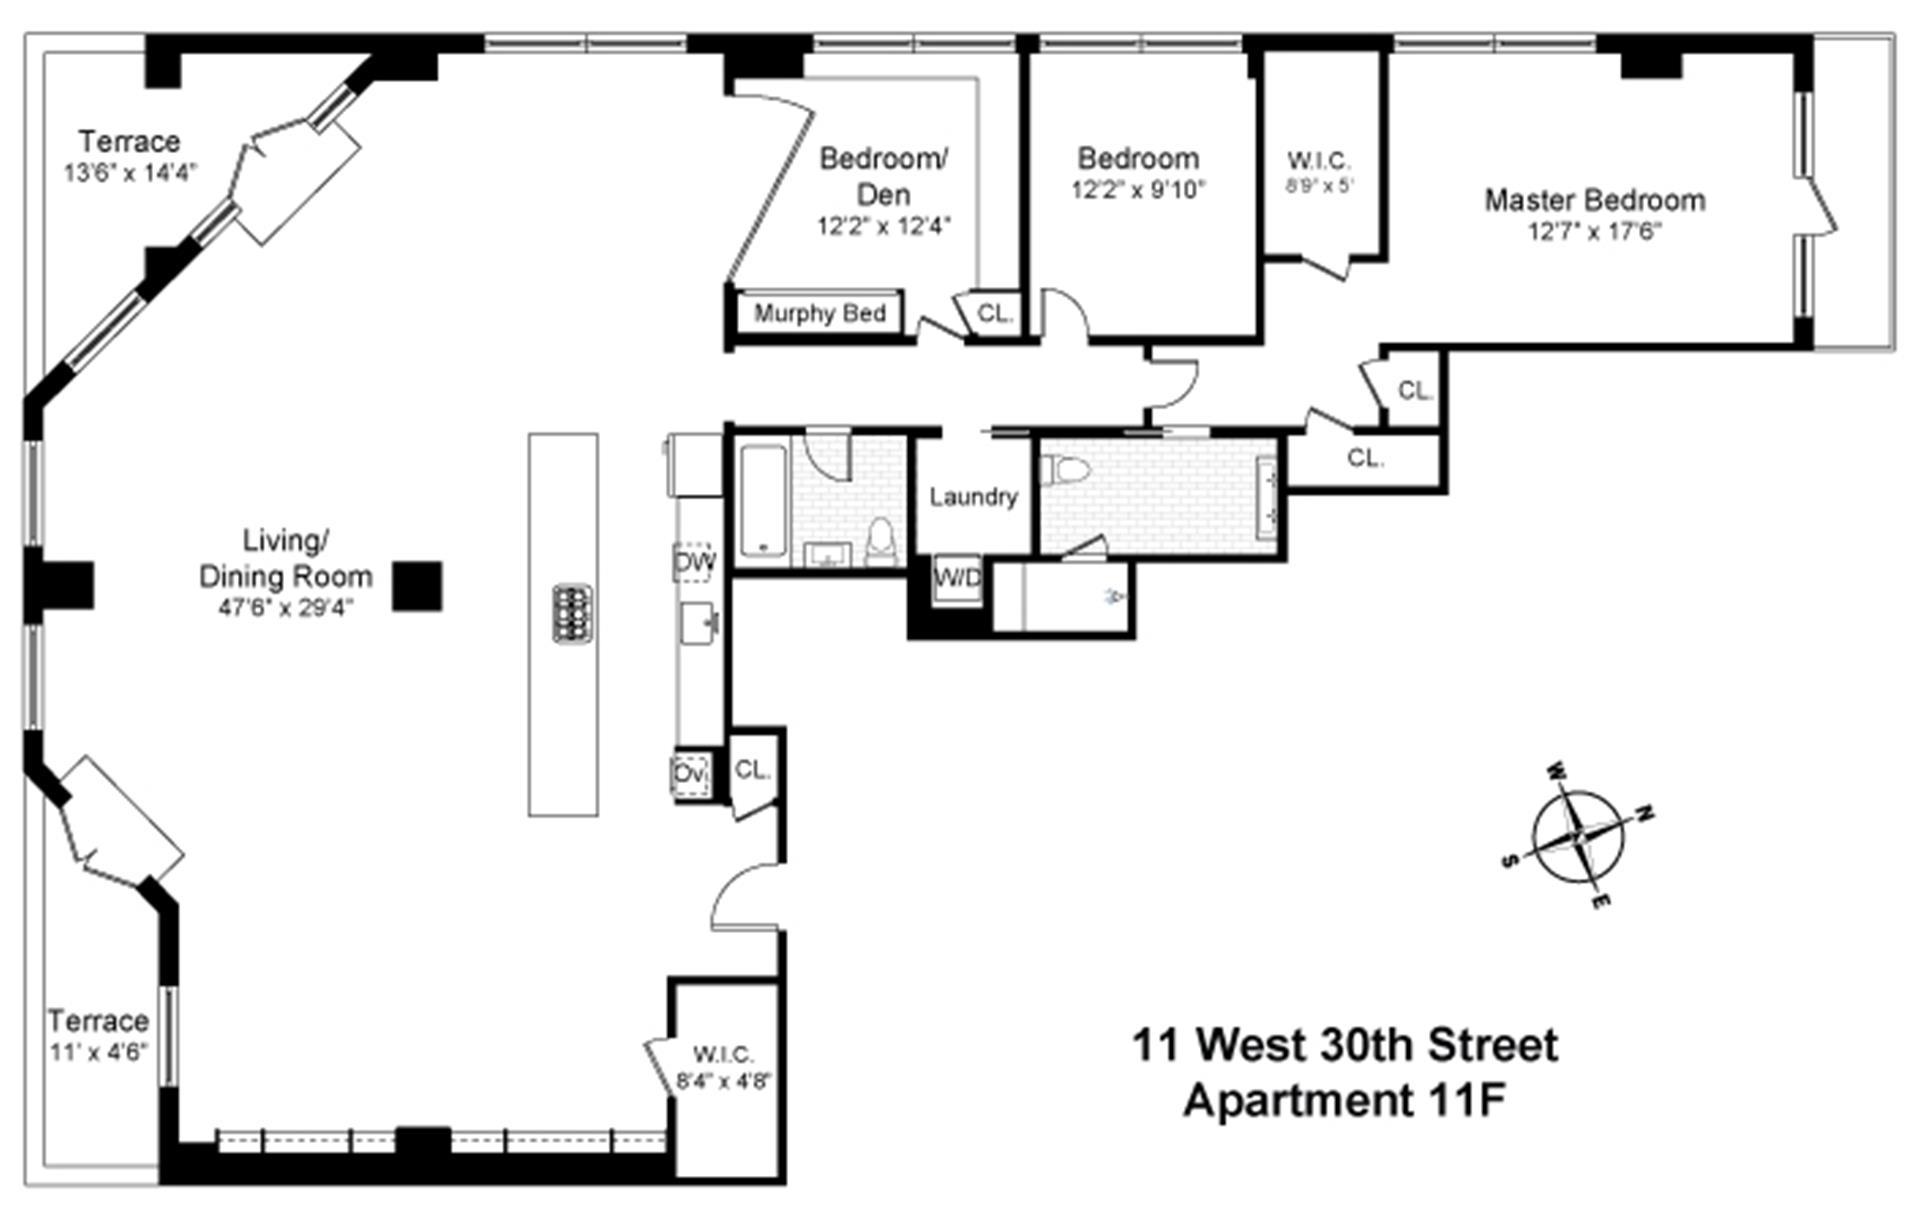 Floor plan of 11 West 30th St, 11F - Flatiron District, New York